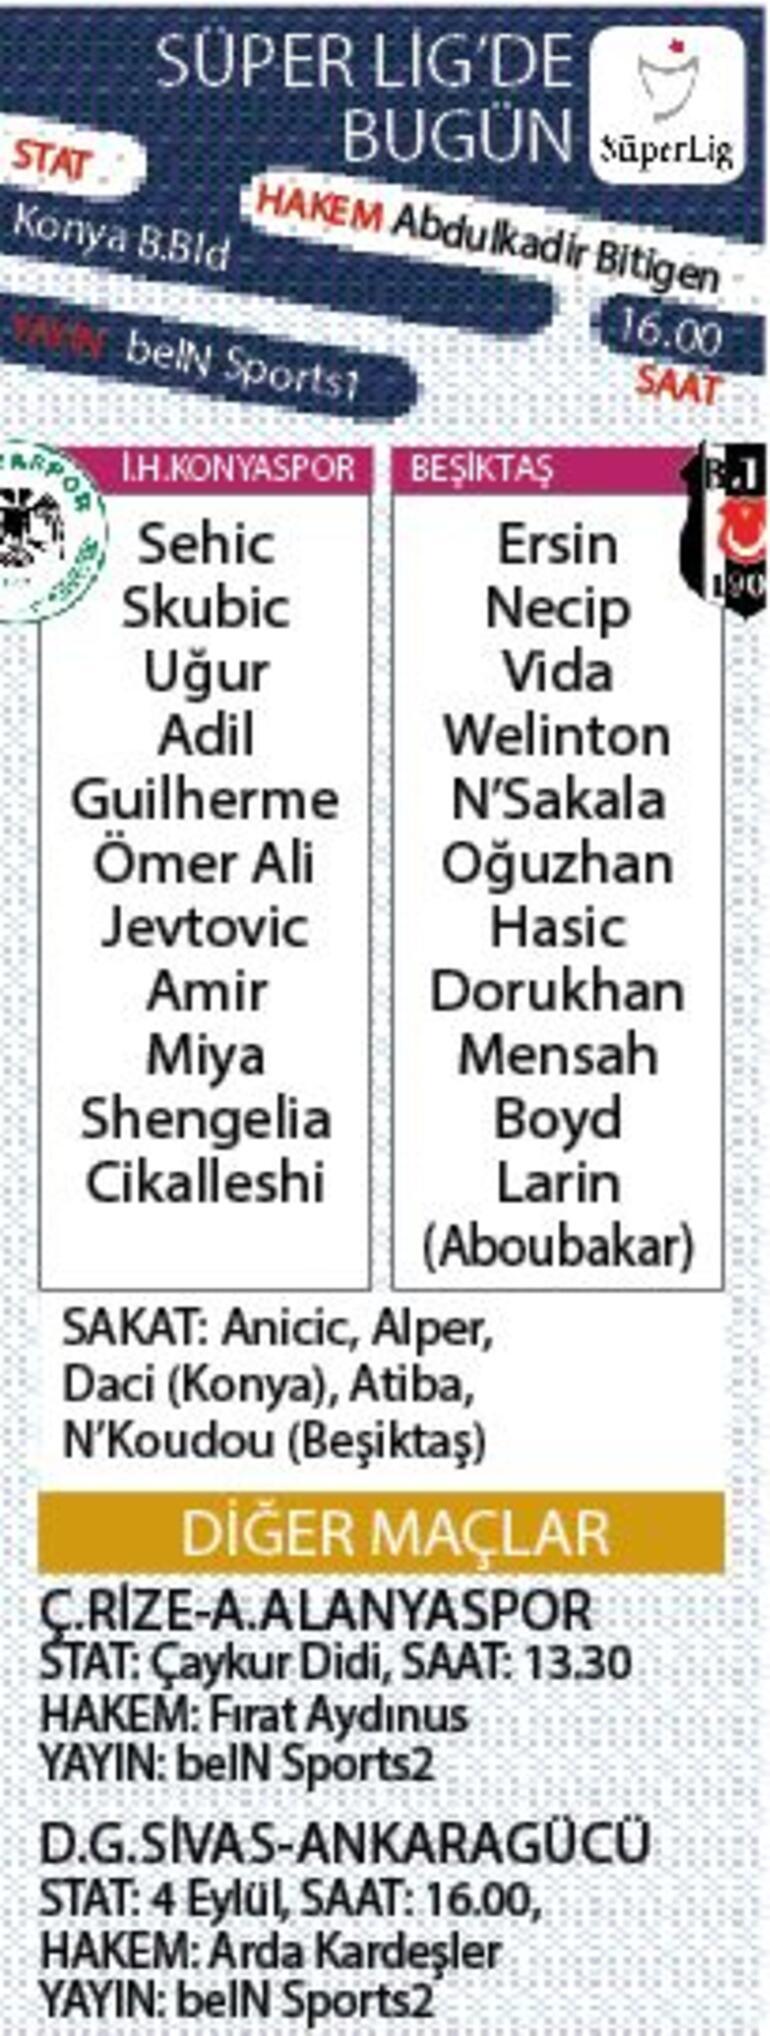 Beşiktaş haberleri   Aboubakar Konya'da ikinci devre oynayacak